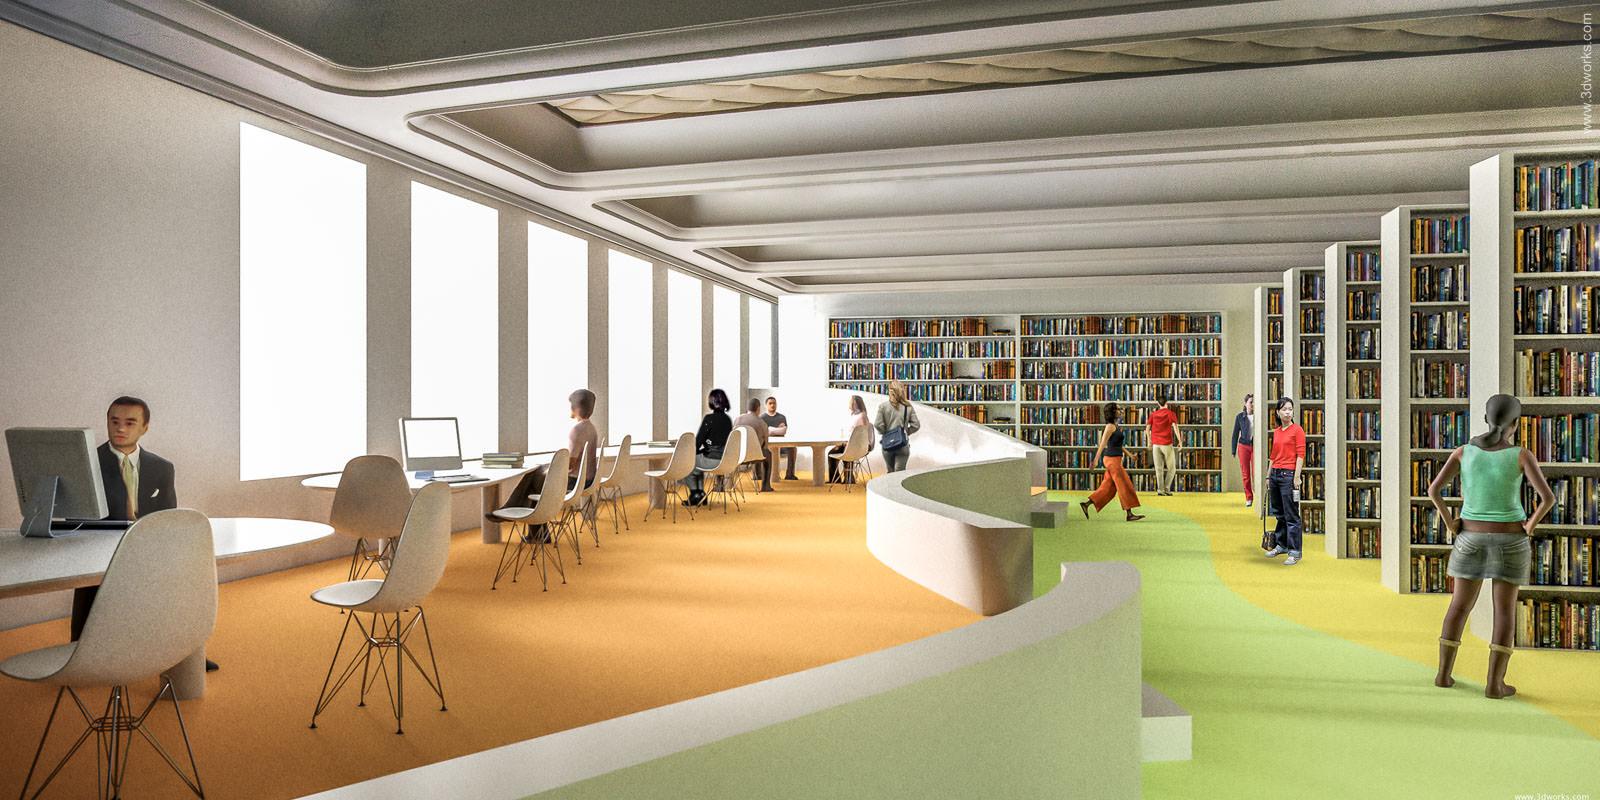 3D Visualisierung, Wettbewerbsperspektive / Magma Architekten